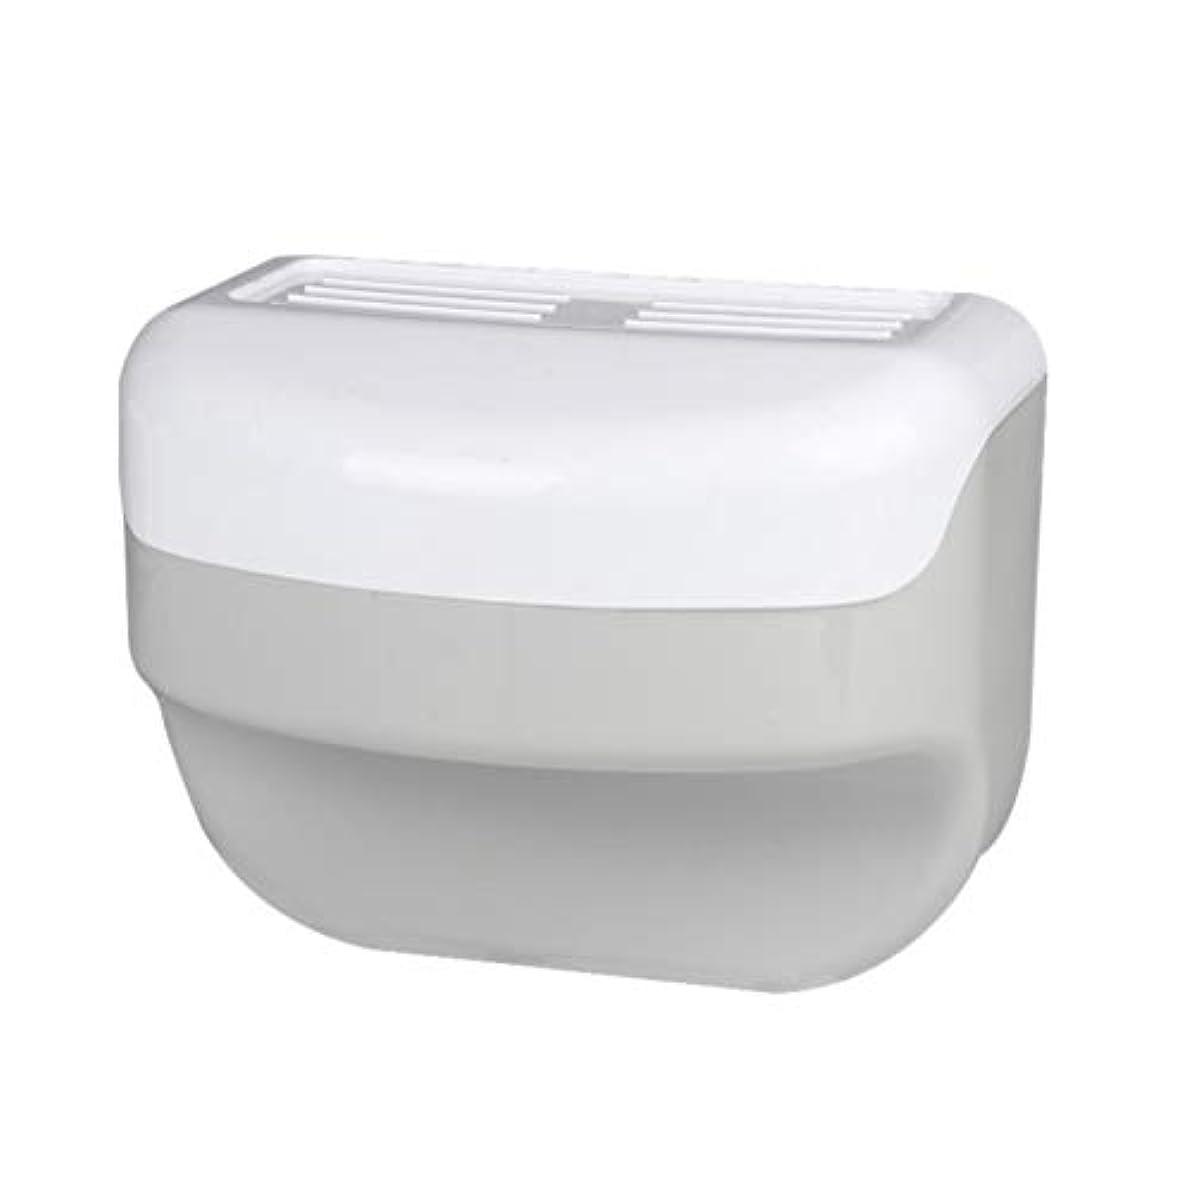 矛盾電卓エクステントTOPBATHY 浴室トイレティッシュボックスラック壁吸盤ロールホルダーフリー掘削ネイルフリーティッシュボックス